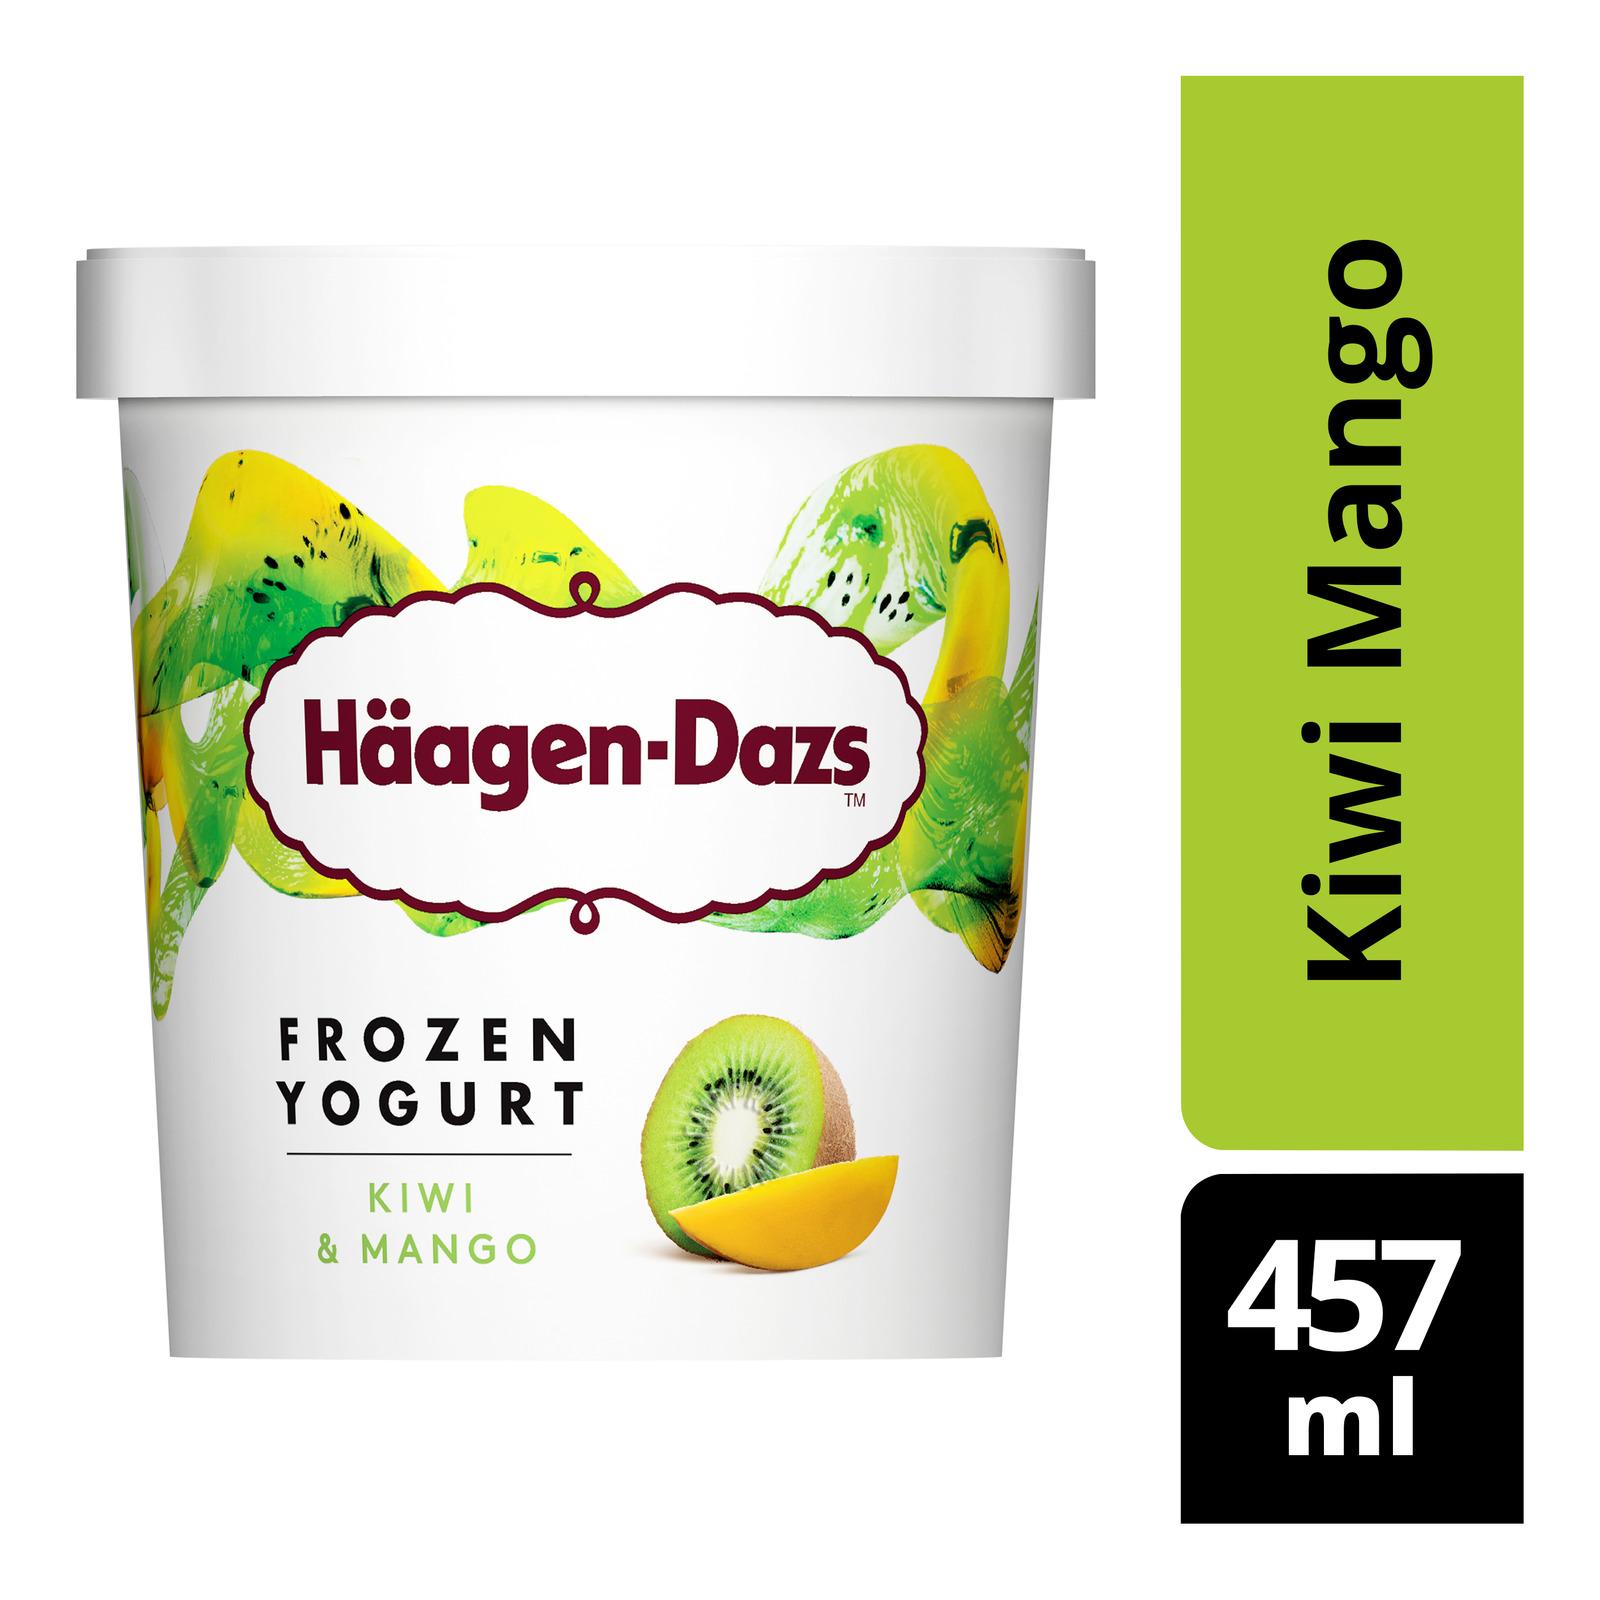 Haagen-Dazs Frozen Yogurt - Kiwi Mango